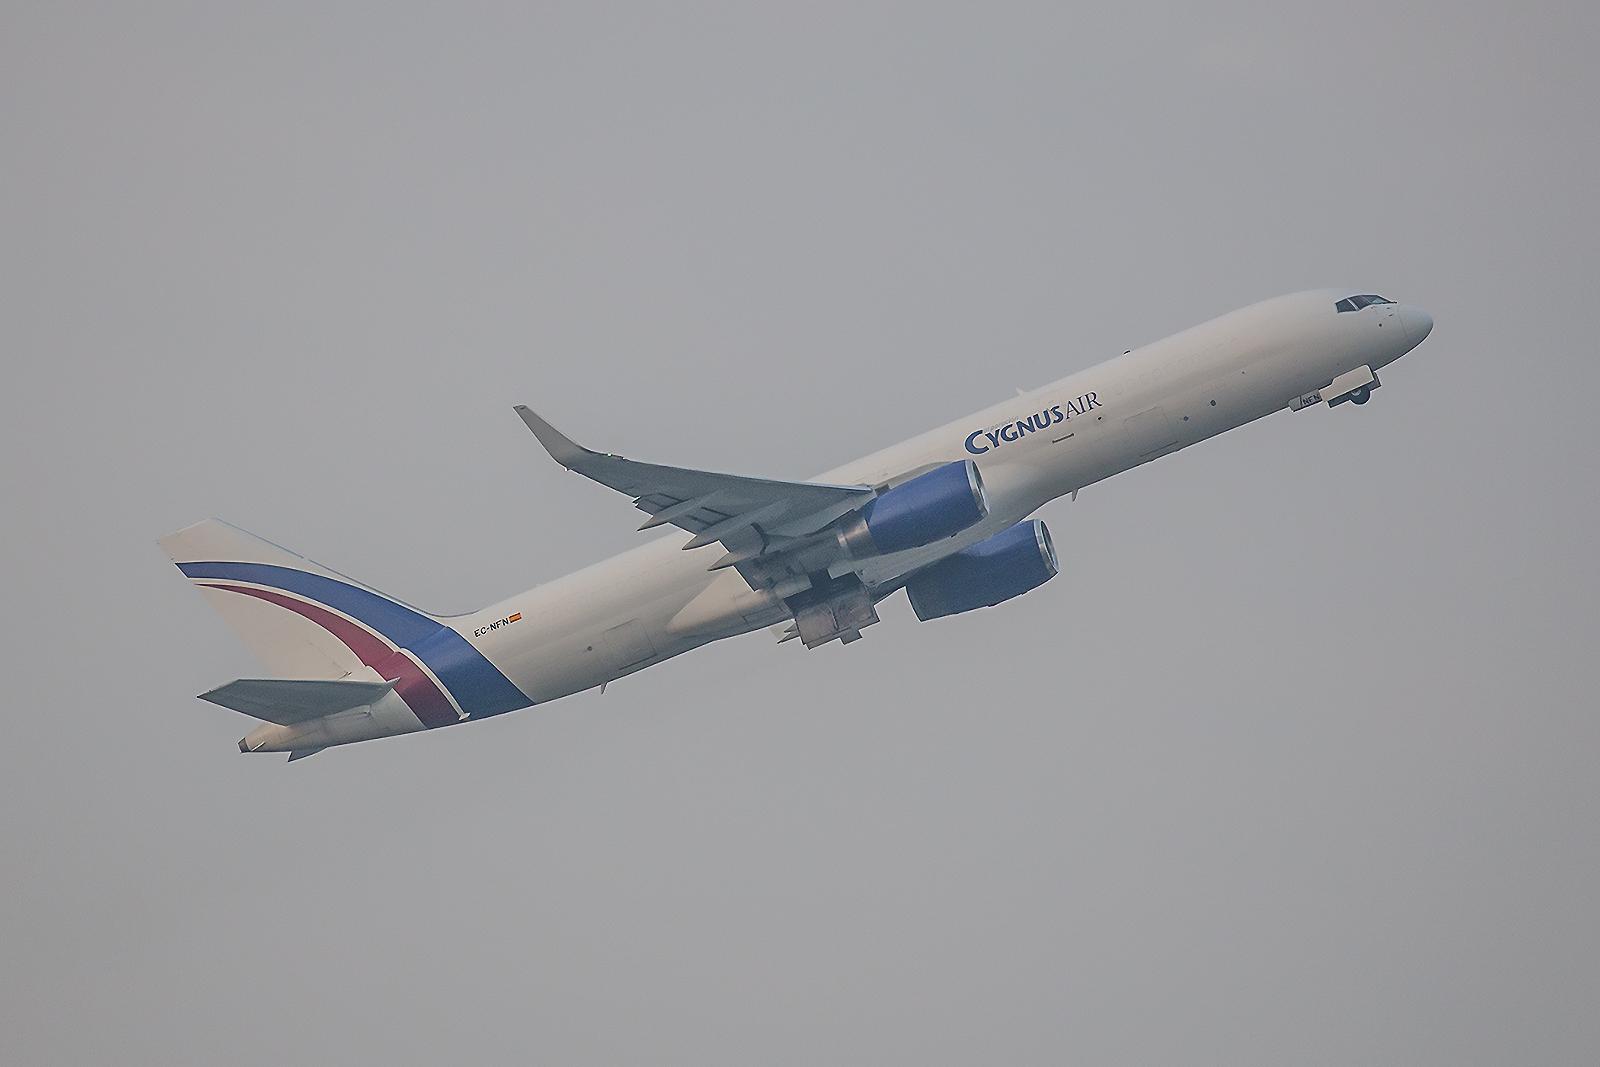 Eine weitere Boeing 757 der Cygnus Air. Früher flog sie al N659AA für American Airlines.